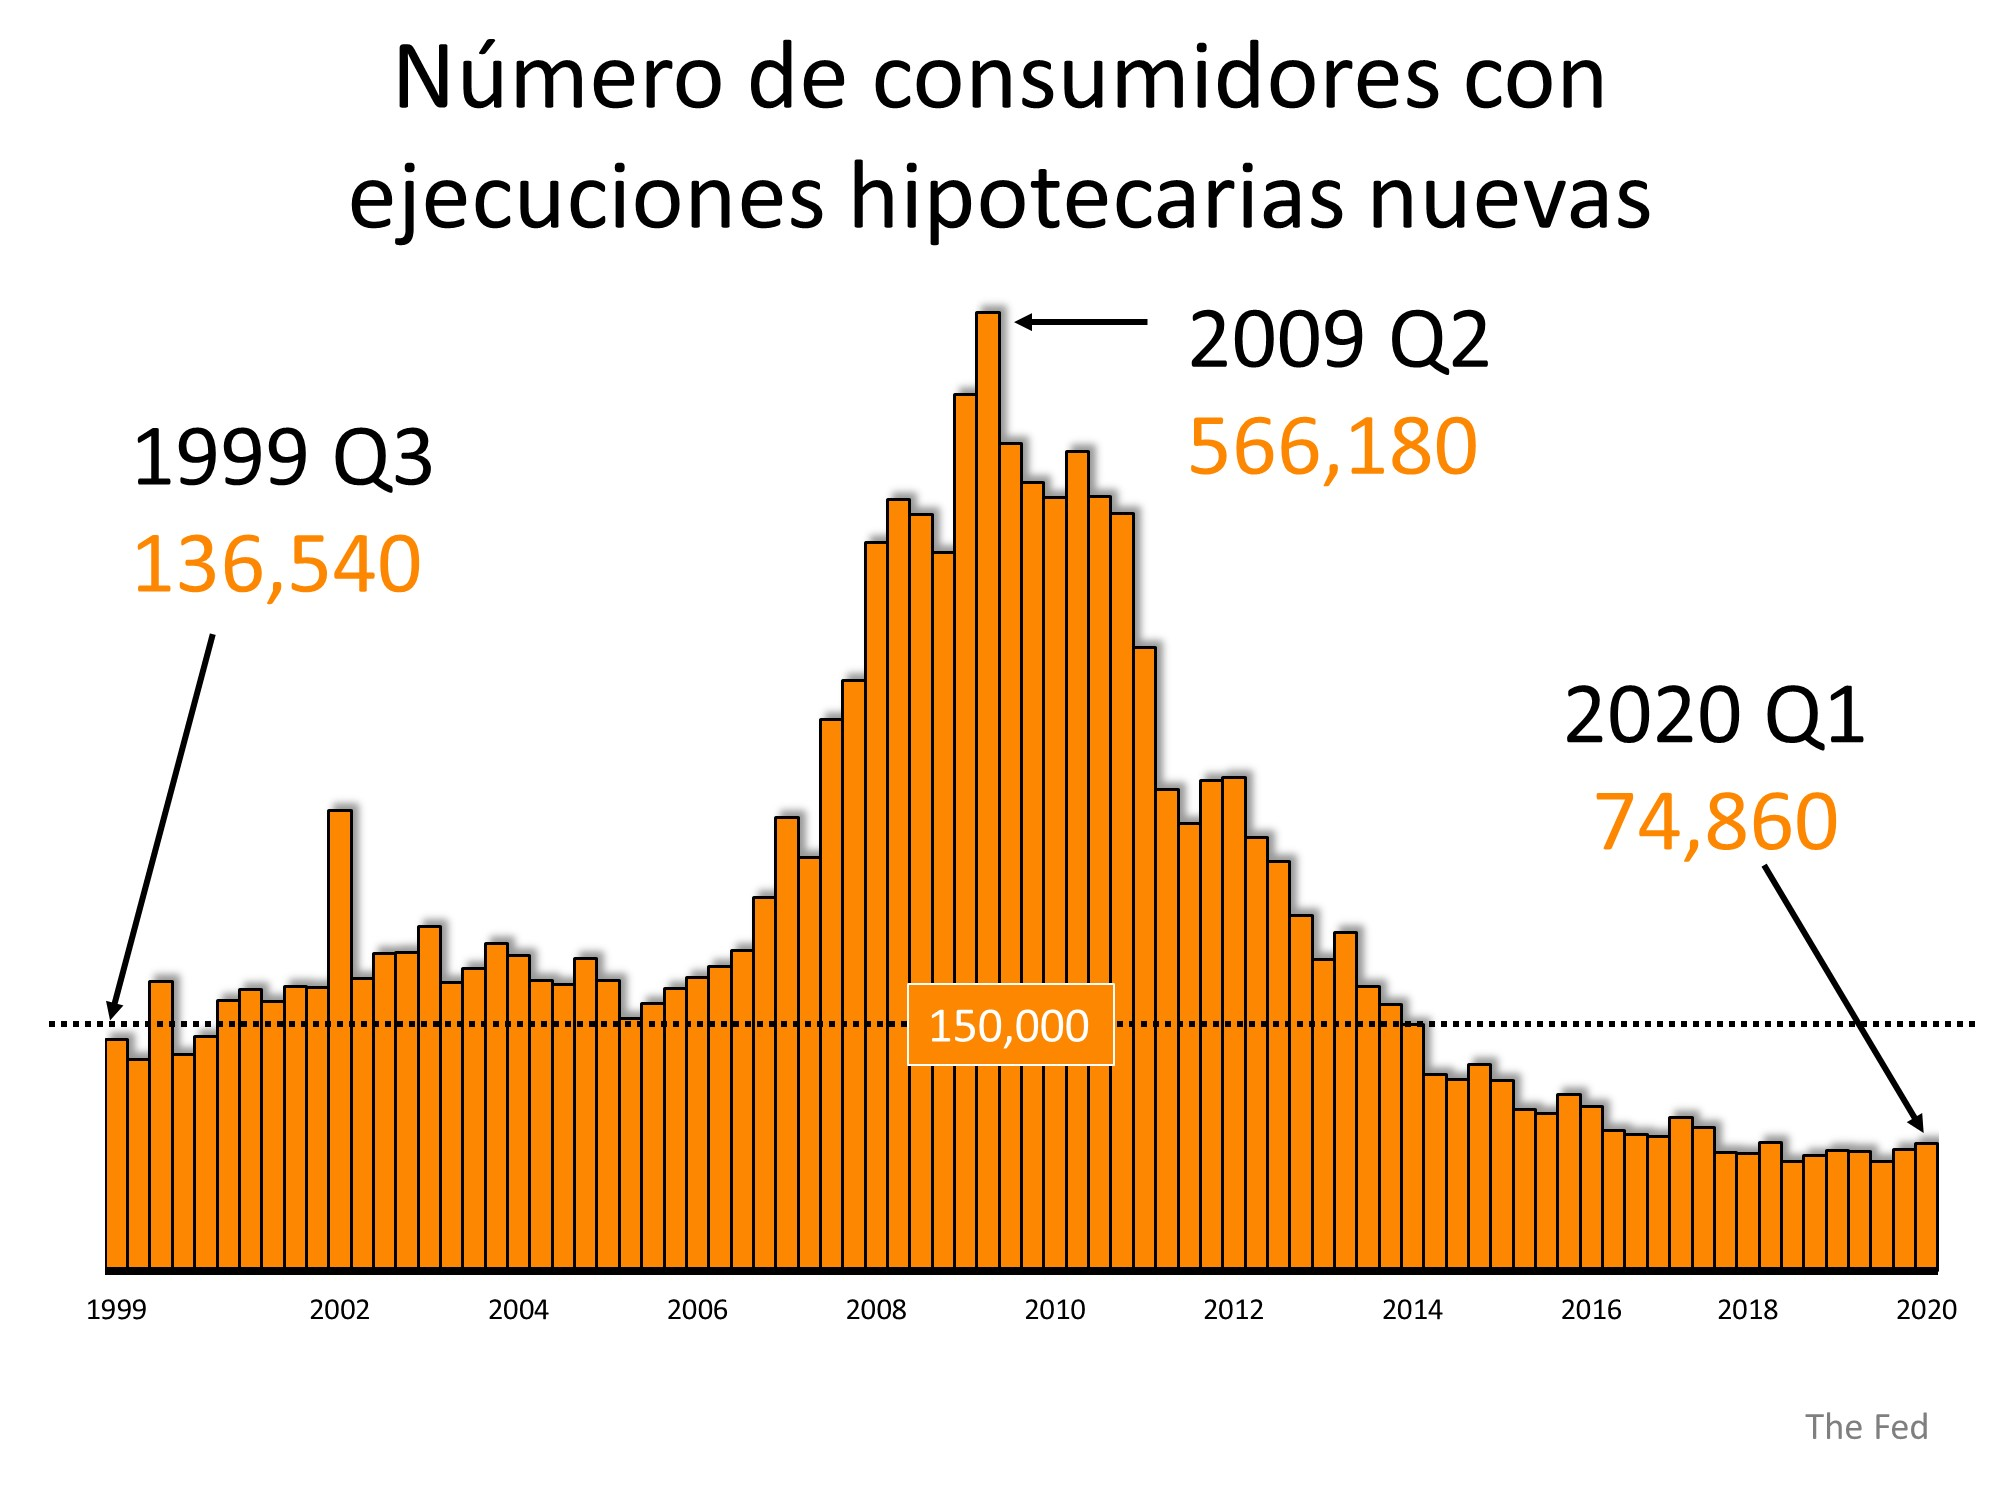 Por qué las ejecuciones hipotecarias no destruirán el mercado de la vivienda el próximo año | Simplifying The Market